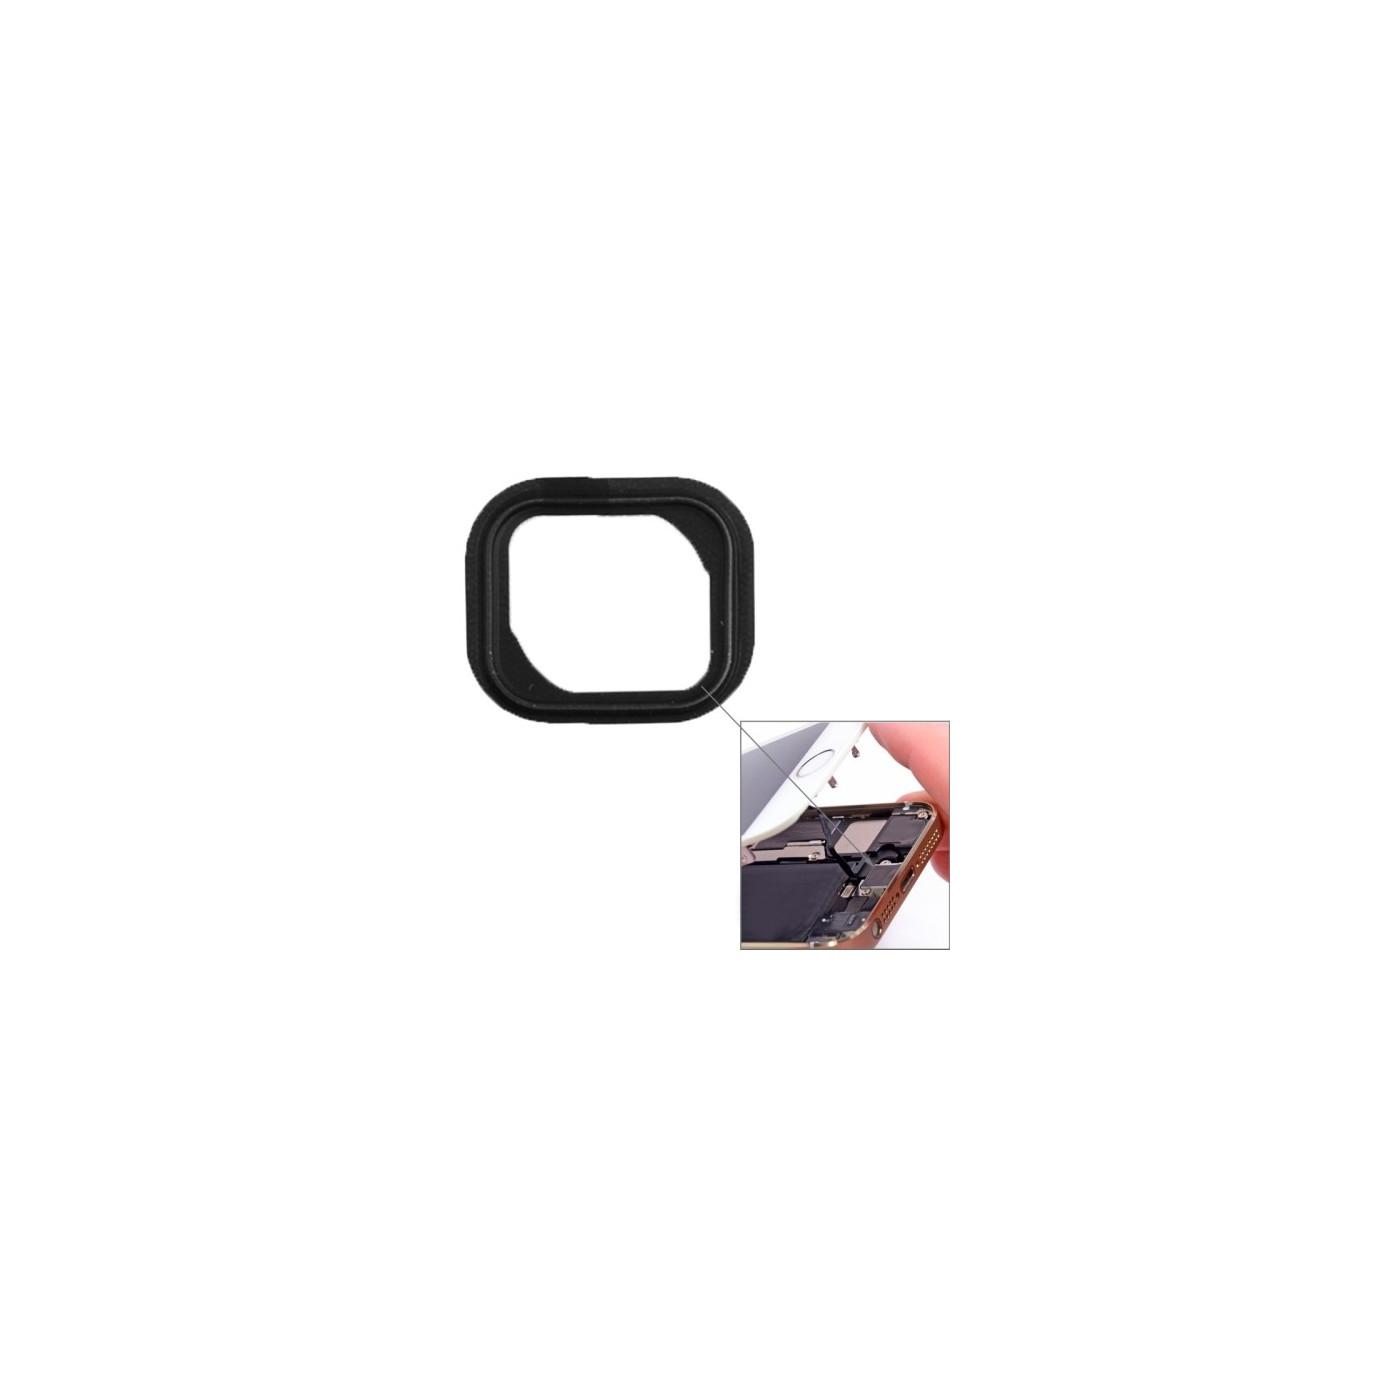 Coussin en plastique pour bouton bouton Home pour iPhone 5S